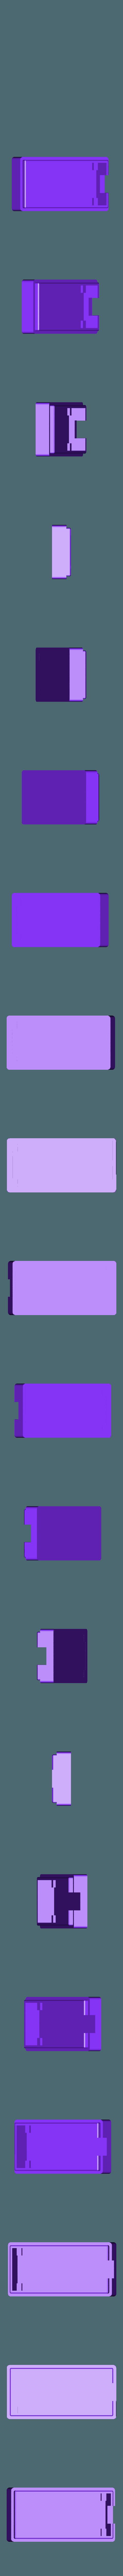 ardiuino_nano.stl Download free STL file BOARDUINO – ARDUINO ALL IN ONE BREADBOARD STAND • 3D printing template, TheTNR